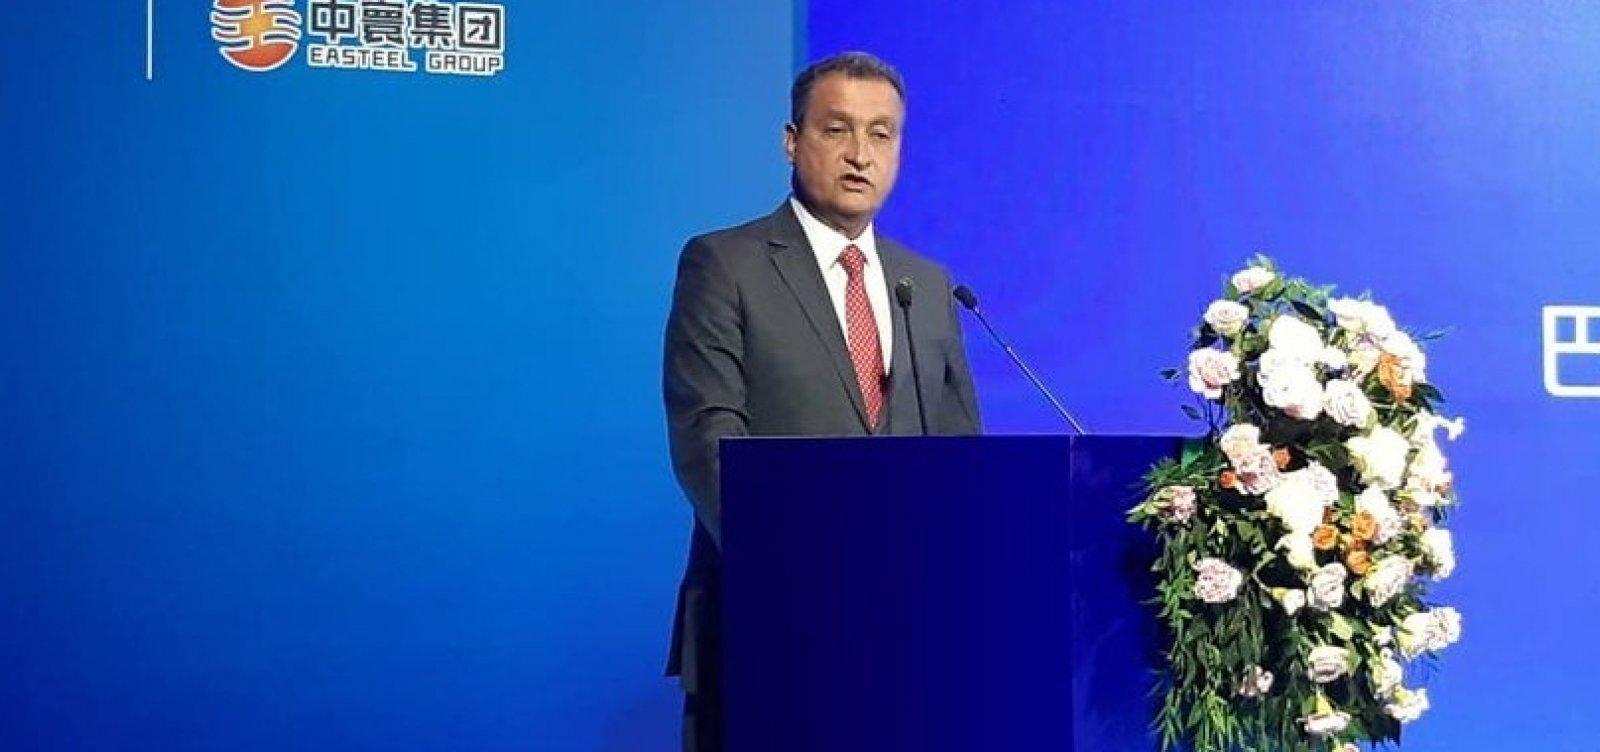 Acordo entre Bahia e China deve criar 30 mil empregos, diz governador